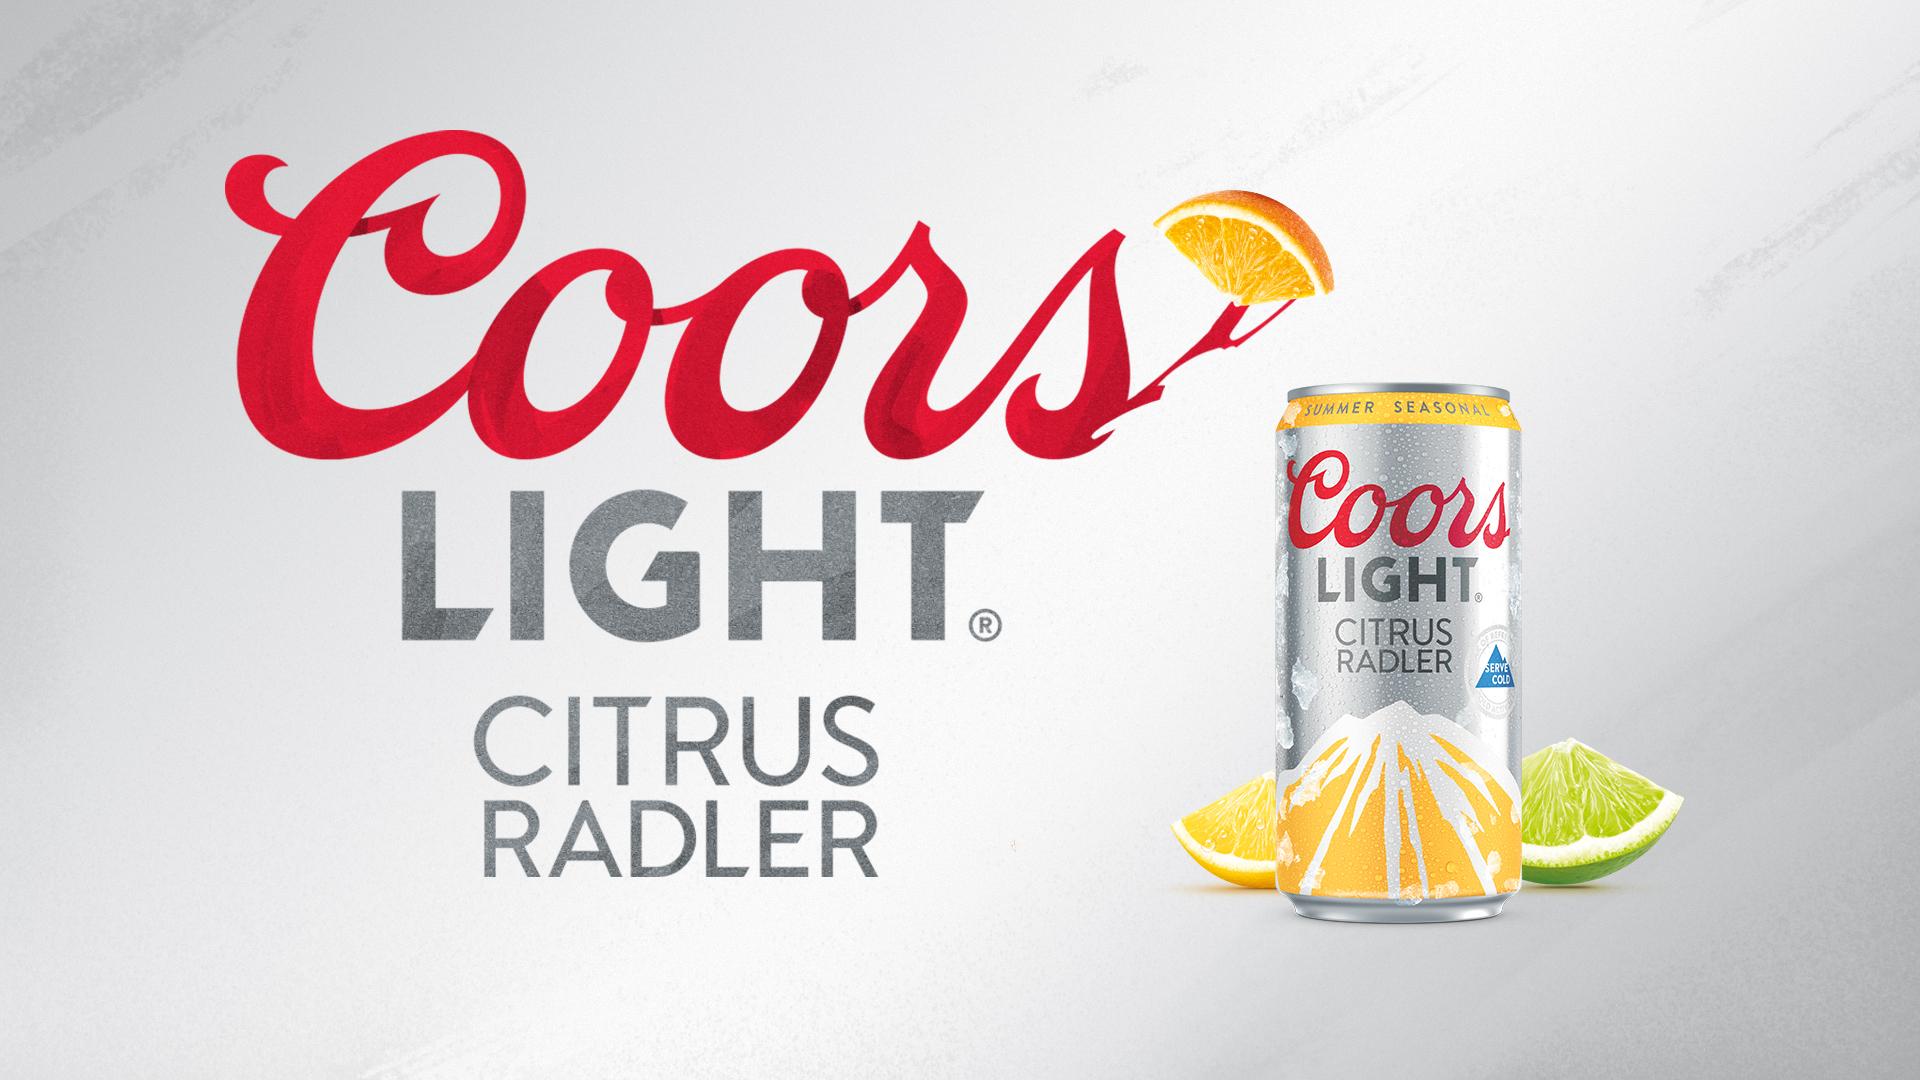 Coors_Citrus_A04.jpg